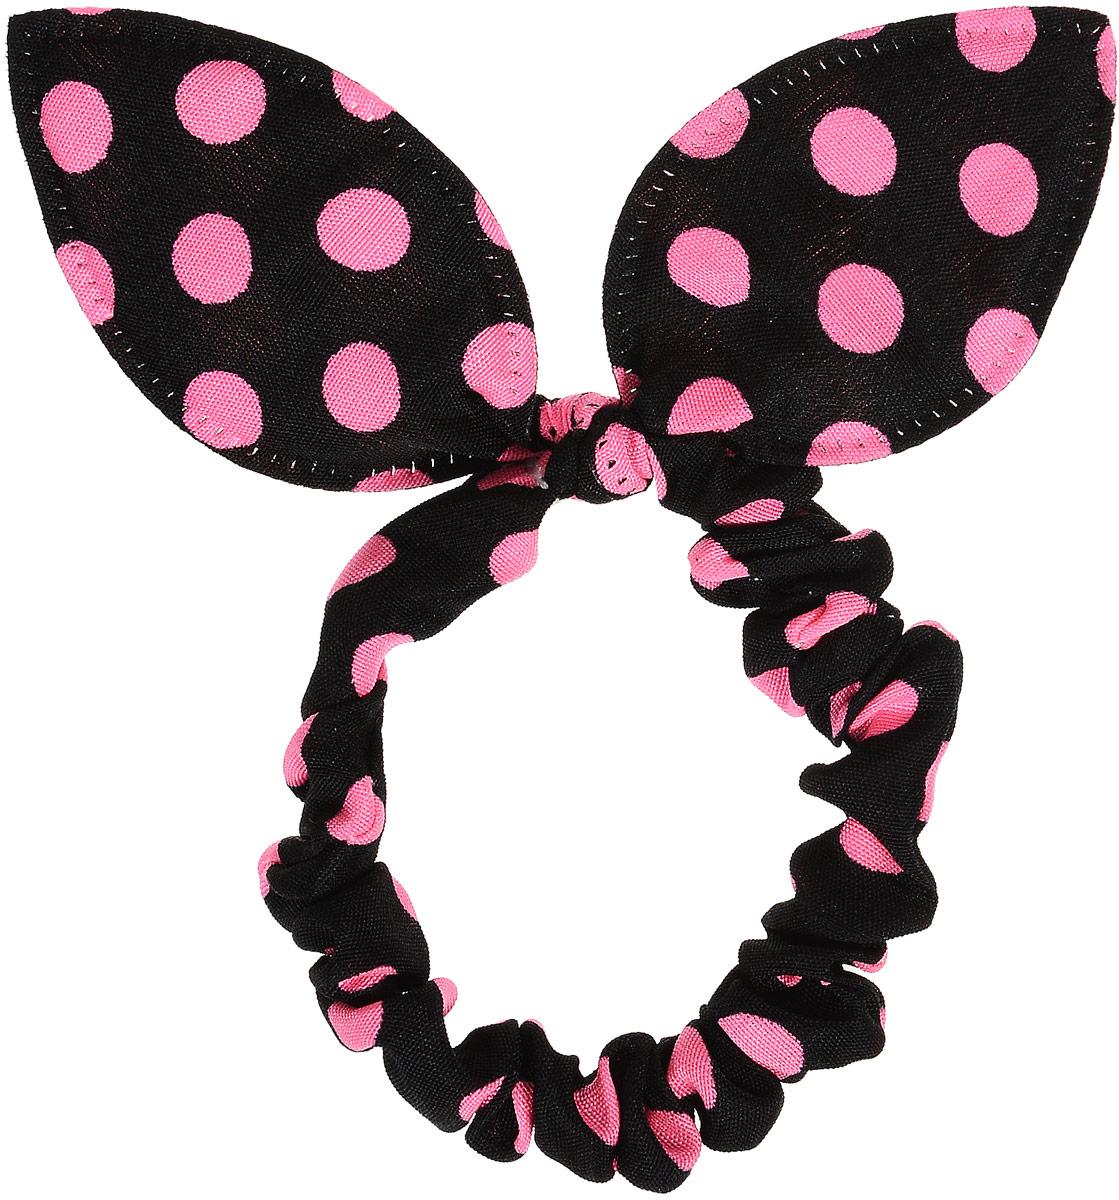 Magic Leverage Резинка для волос, цвет: черный, розовыйрг_черный, розовыйСтильная резинка для волос Magic Leverage подчеркнет красоту вашей прически. Резинка выполнена из мягкого текстильного материала и оформлена стильным принтом в горох, а также дополнена оригинальным бантиком, который будет великолепно смотреться в ваших волосах. С помощью такой резинки вы сможете создать множество оригинальных причесок. Яркость и удобство резинки для волос делают ее практичным и модным аксессуаром.